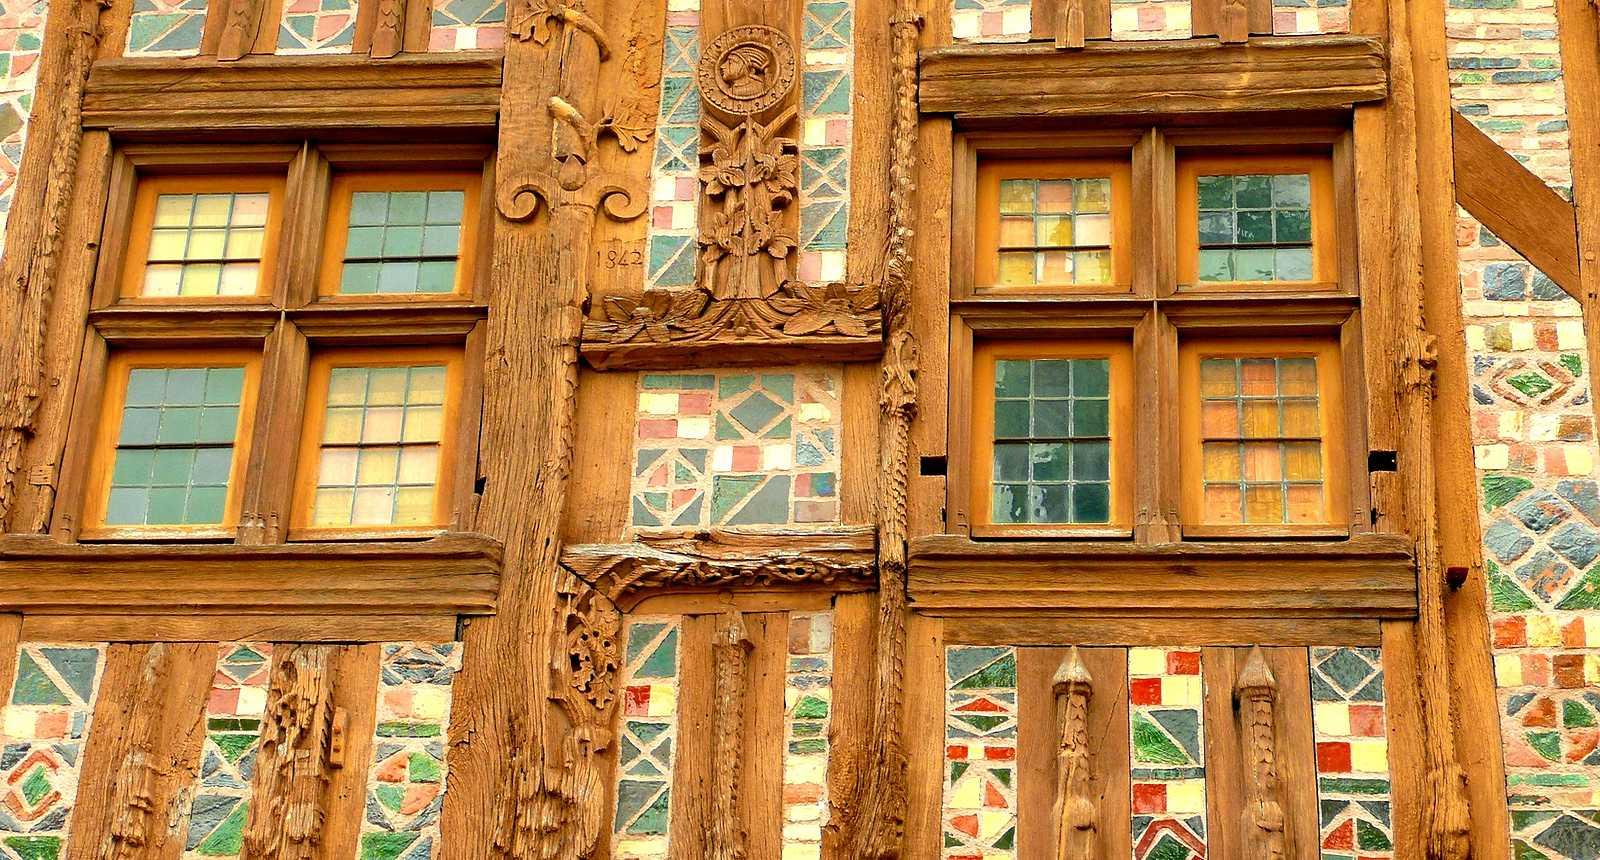 Maison à pan de bois de Joigny